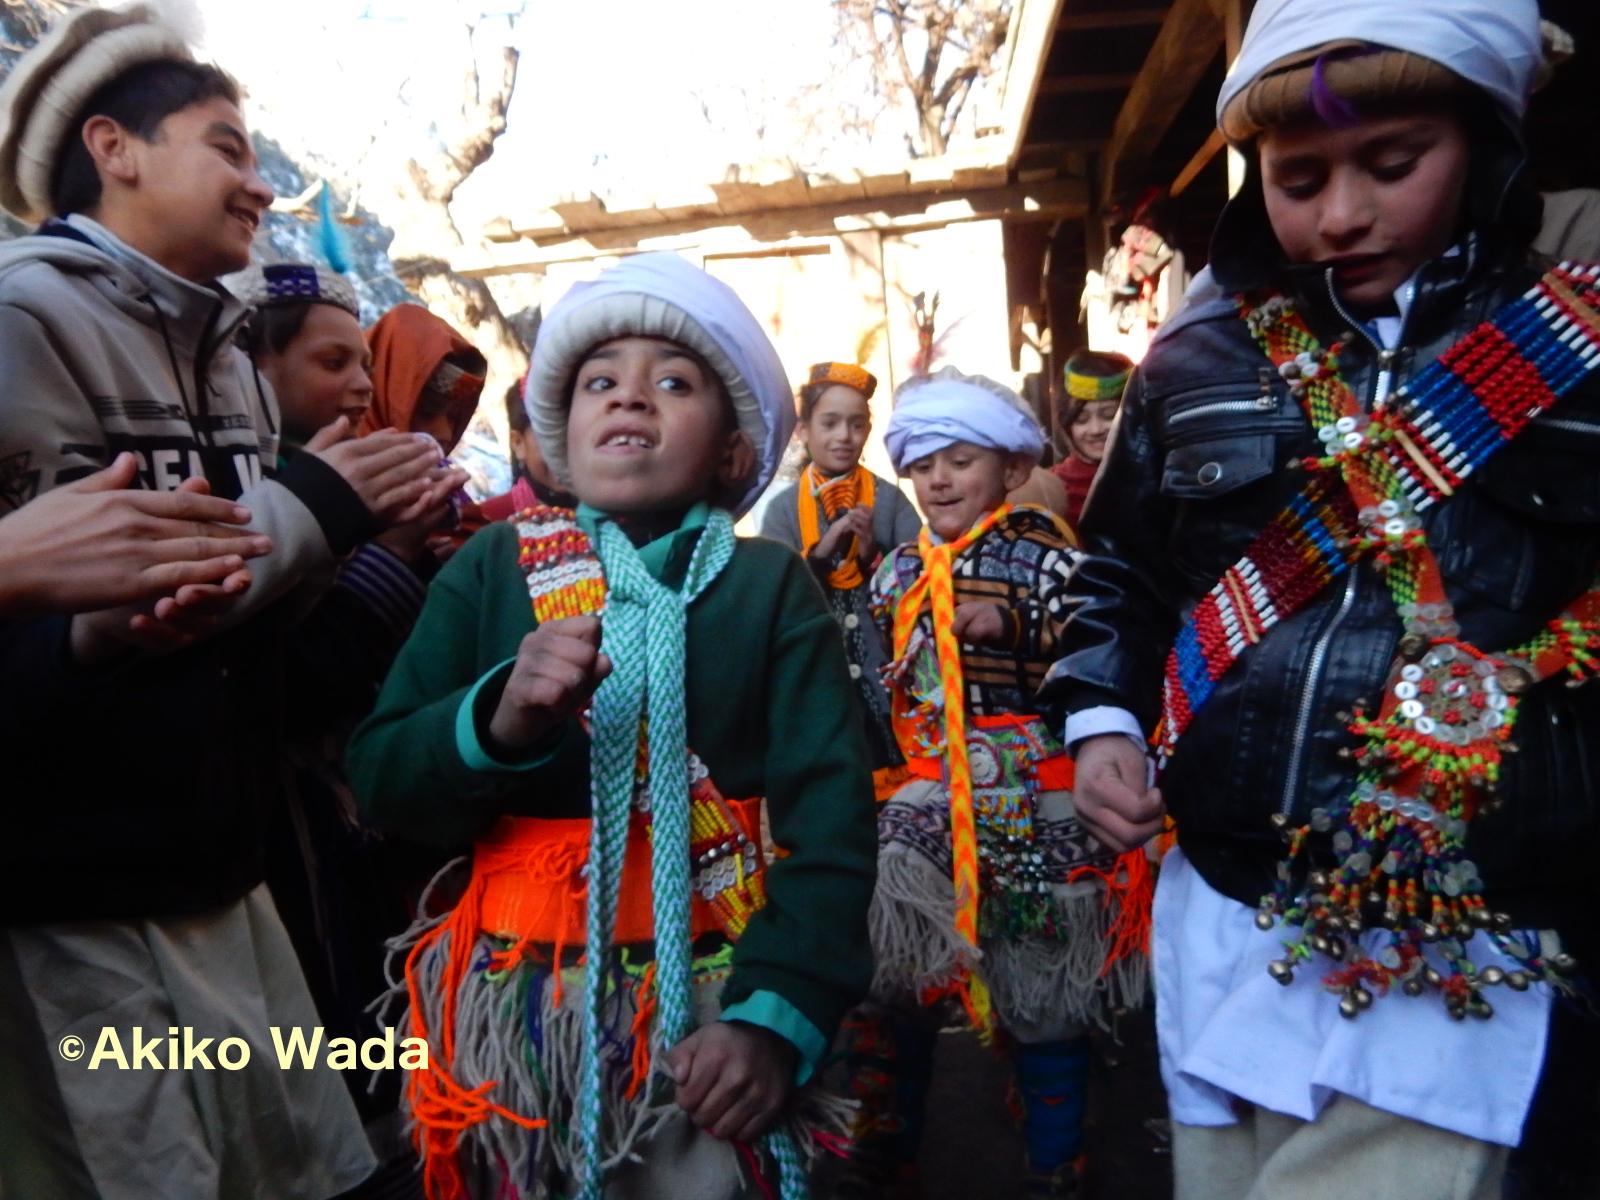 通過儀礼を受けた翌朝、男児たちが踊る。